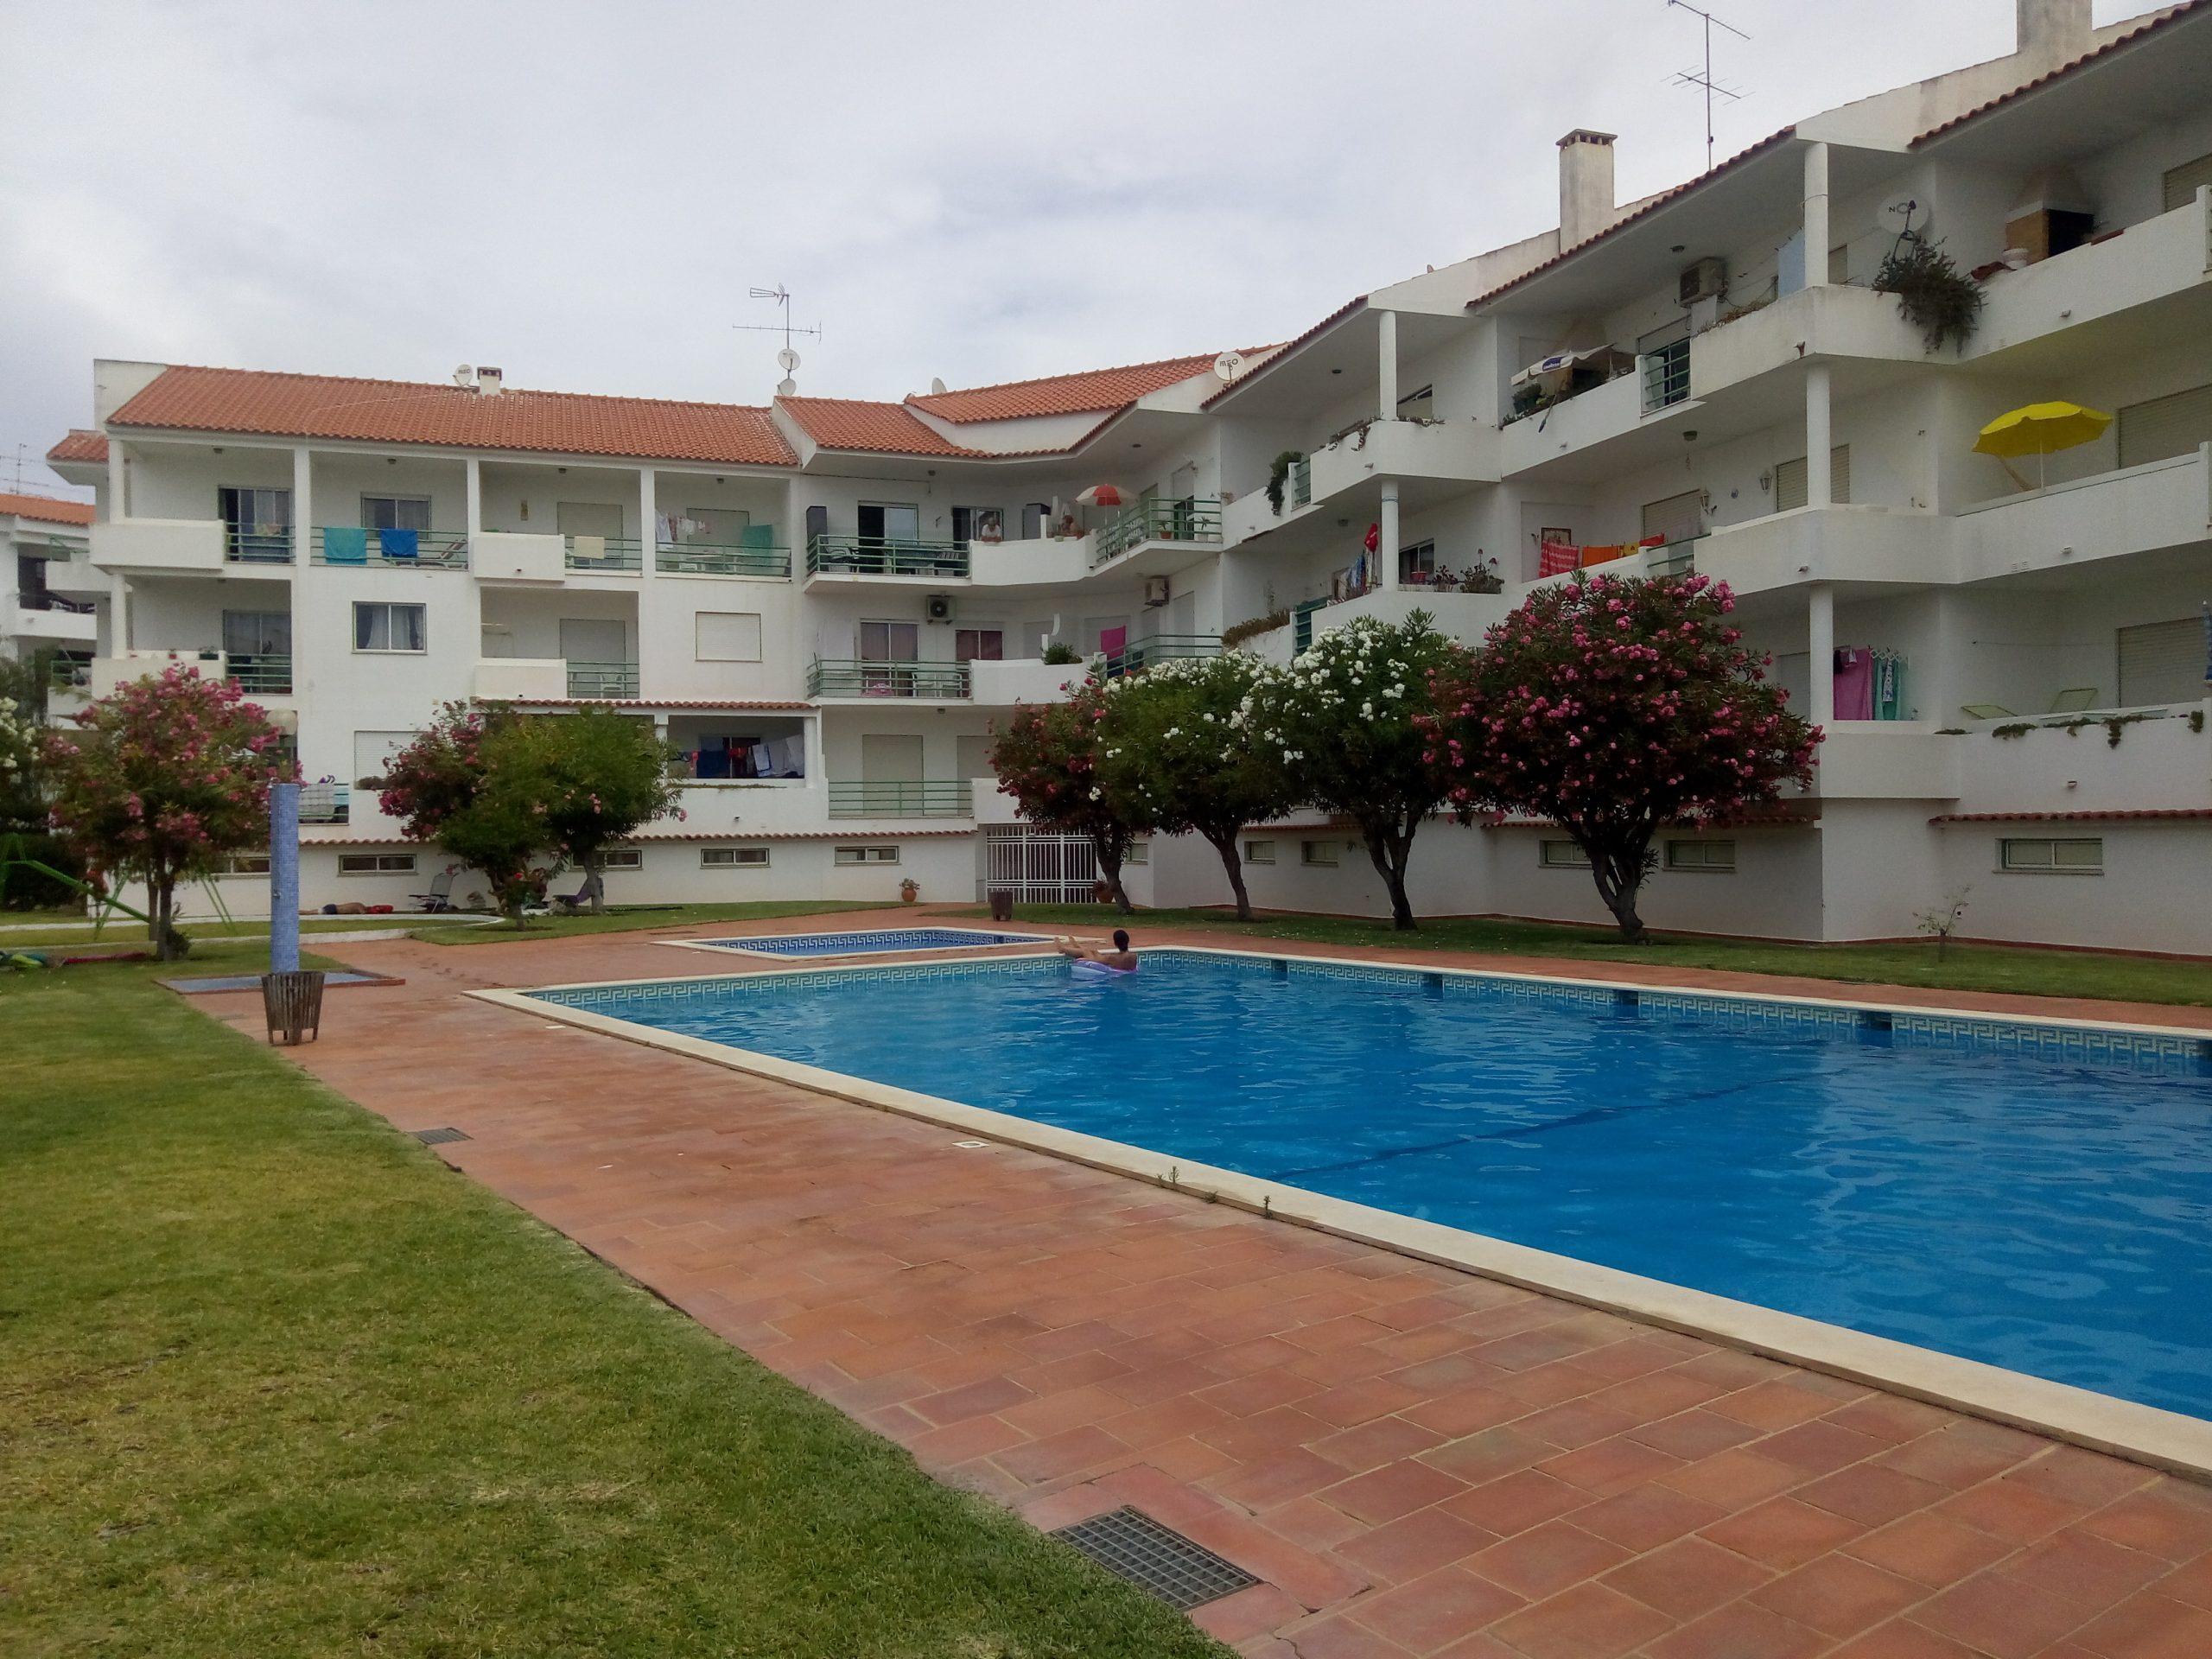 Holiday apartments and villas for rent, Apartamento 4 pessoas à beira mar com piscina Albufeira in Albufeira, Portugal Algarve, REF_IMG_15094_15099